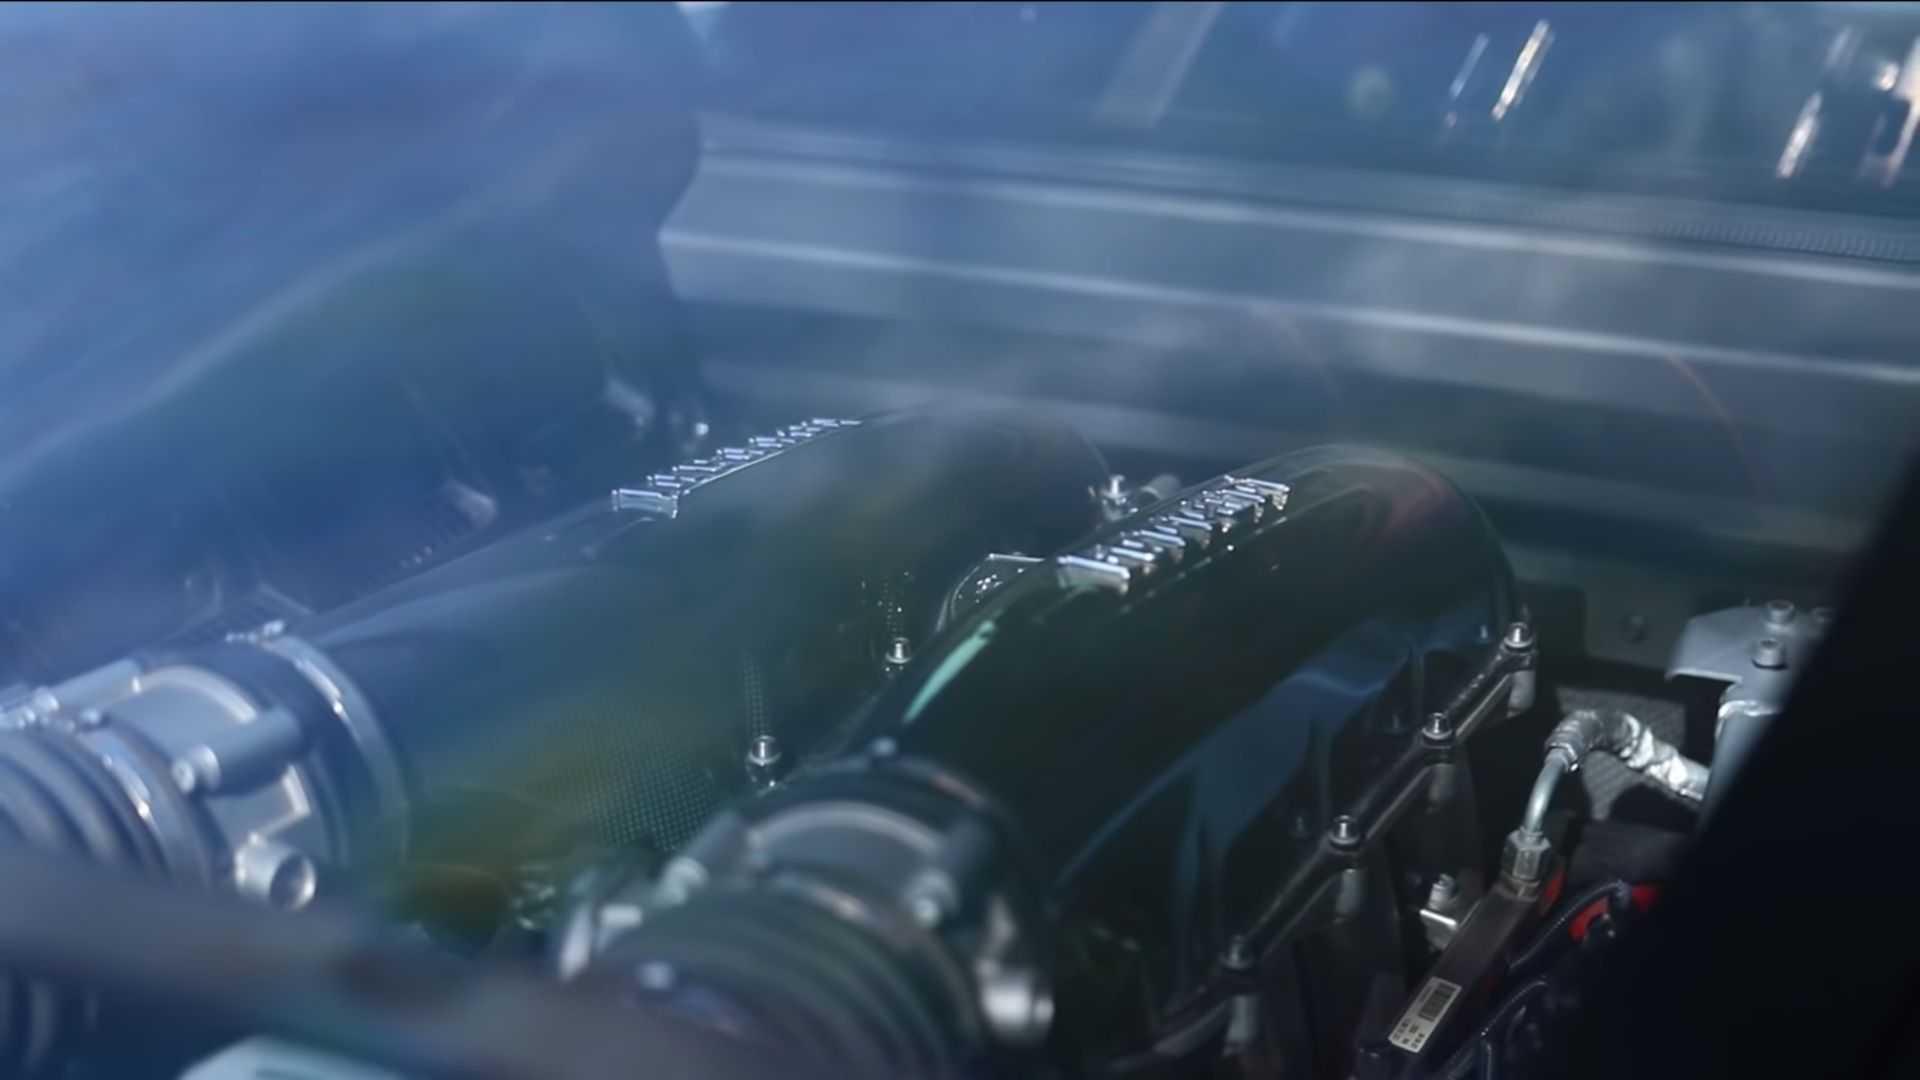 فيراري F 430 سكوديريا